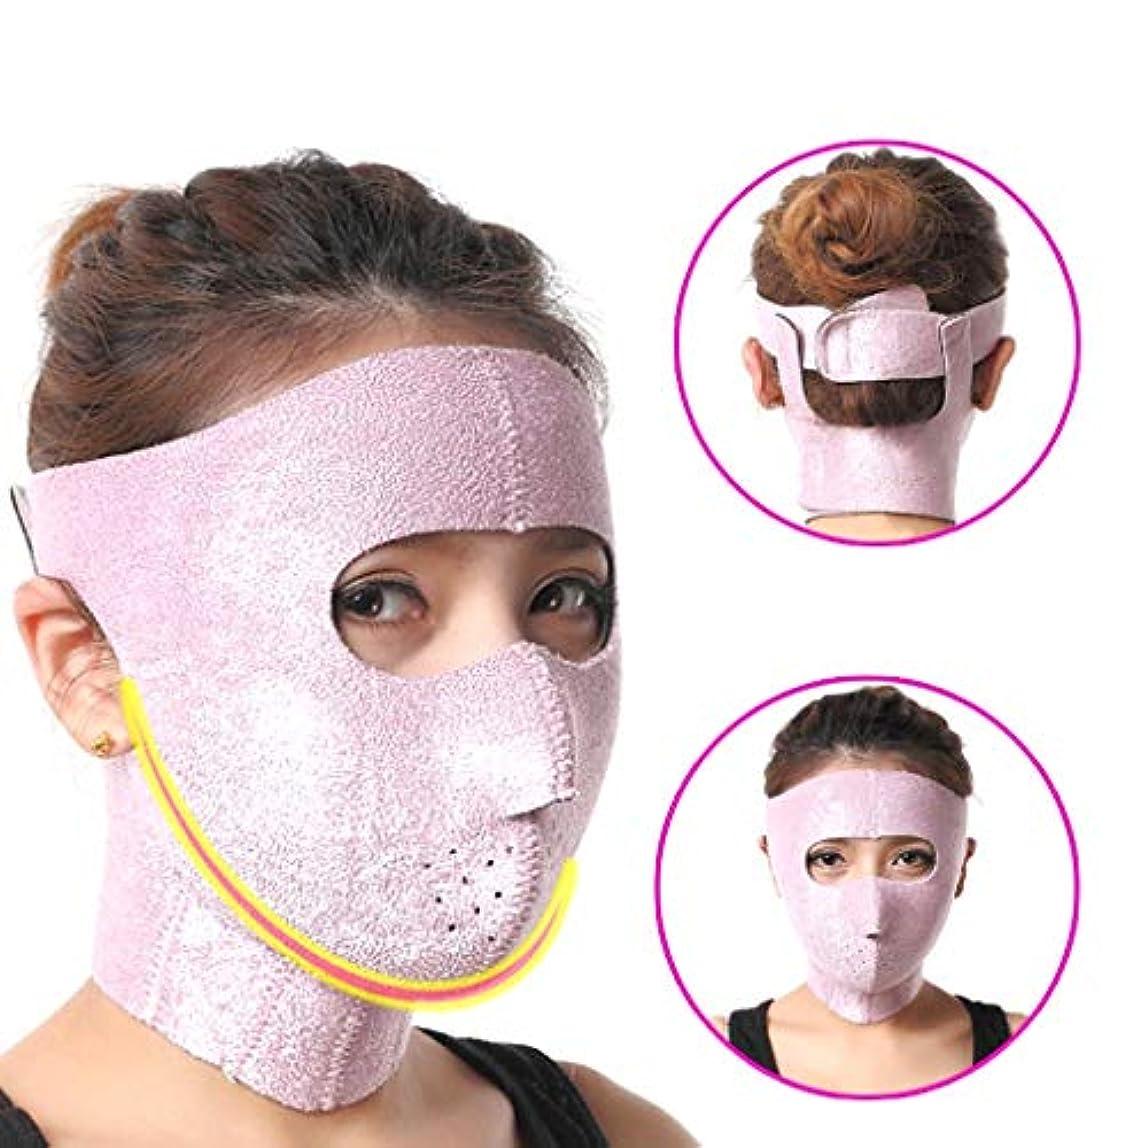 干渉プロジェクター水を飲むXHLMRMJ 薄いあご修正ツール、顔リフティングマスク、リフティングファーミング、Vフェイシャルマスク、改良された咬筋二重あご、男性と女性の両方に適しています